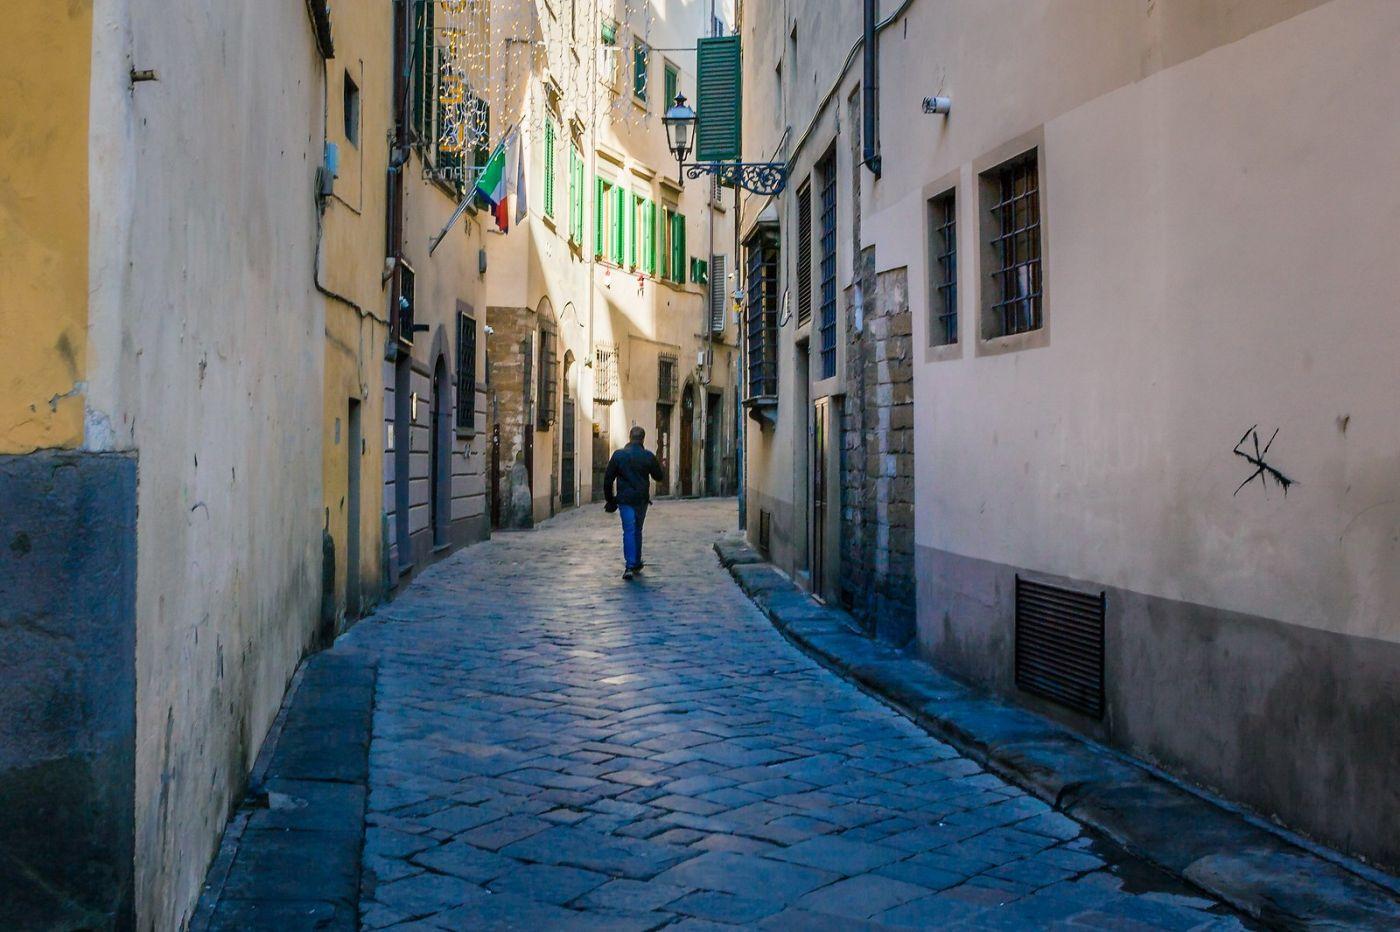 意大利佛罗伦萨(Florence),小街文化_图1-21